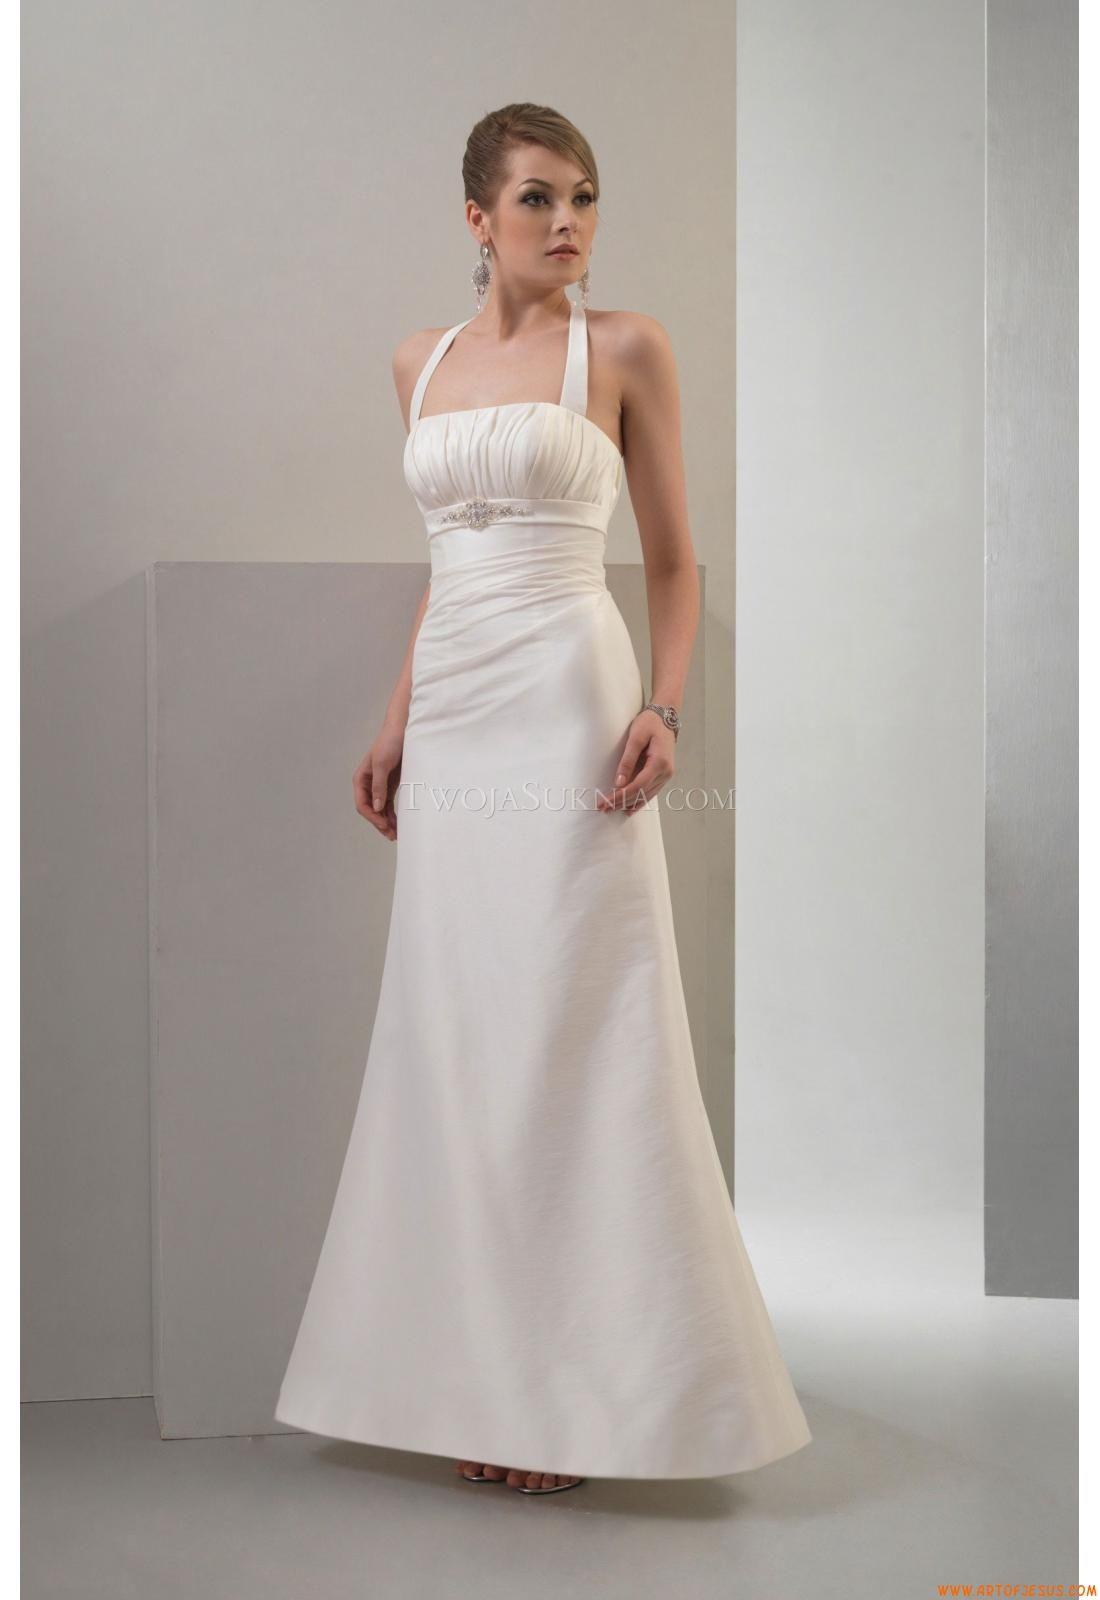 Wedding Dresses Venus VN6688 Venus Informal 2011